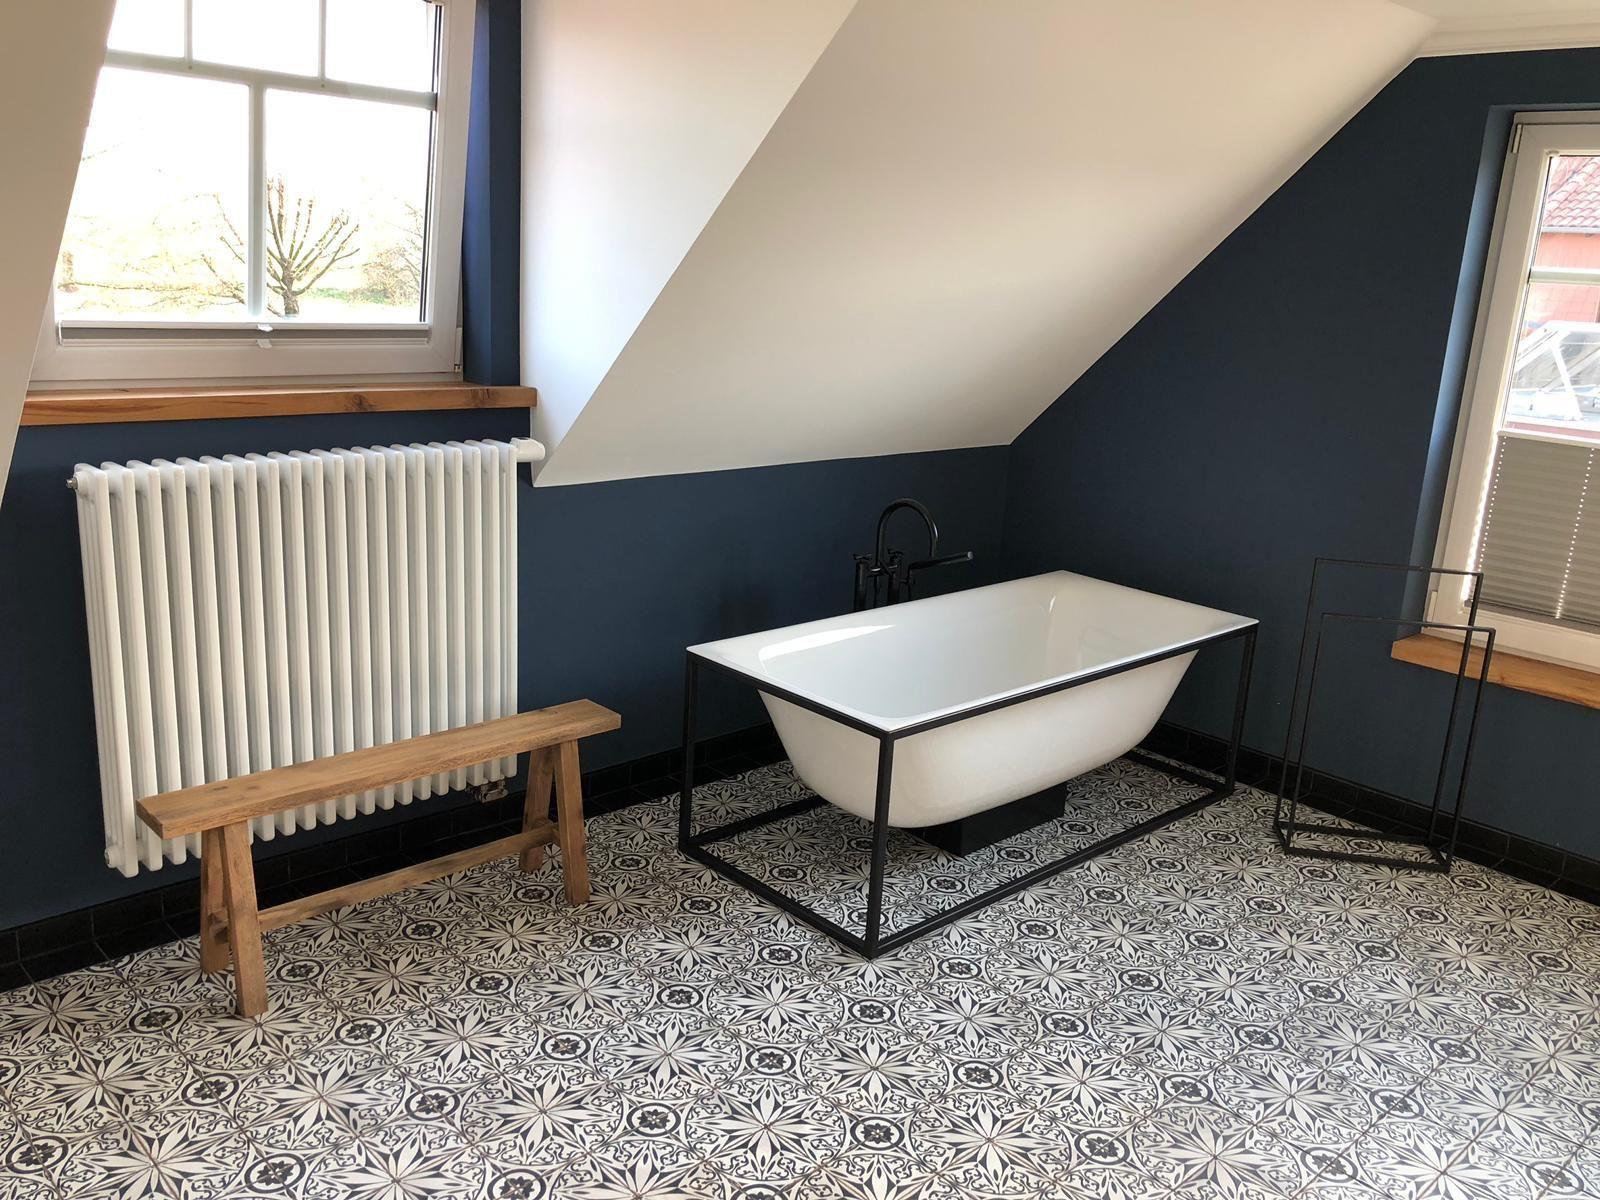 Badezimmer Im Industriedesign Fliesenraum Ihre Fliesenausstellung In Wurzburg Fachgeschaft Fur Fliesen Industriedesign Industrie Badezimmer Badezimmer